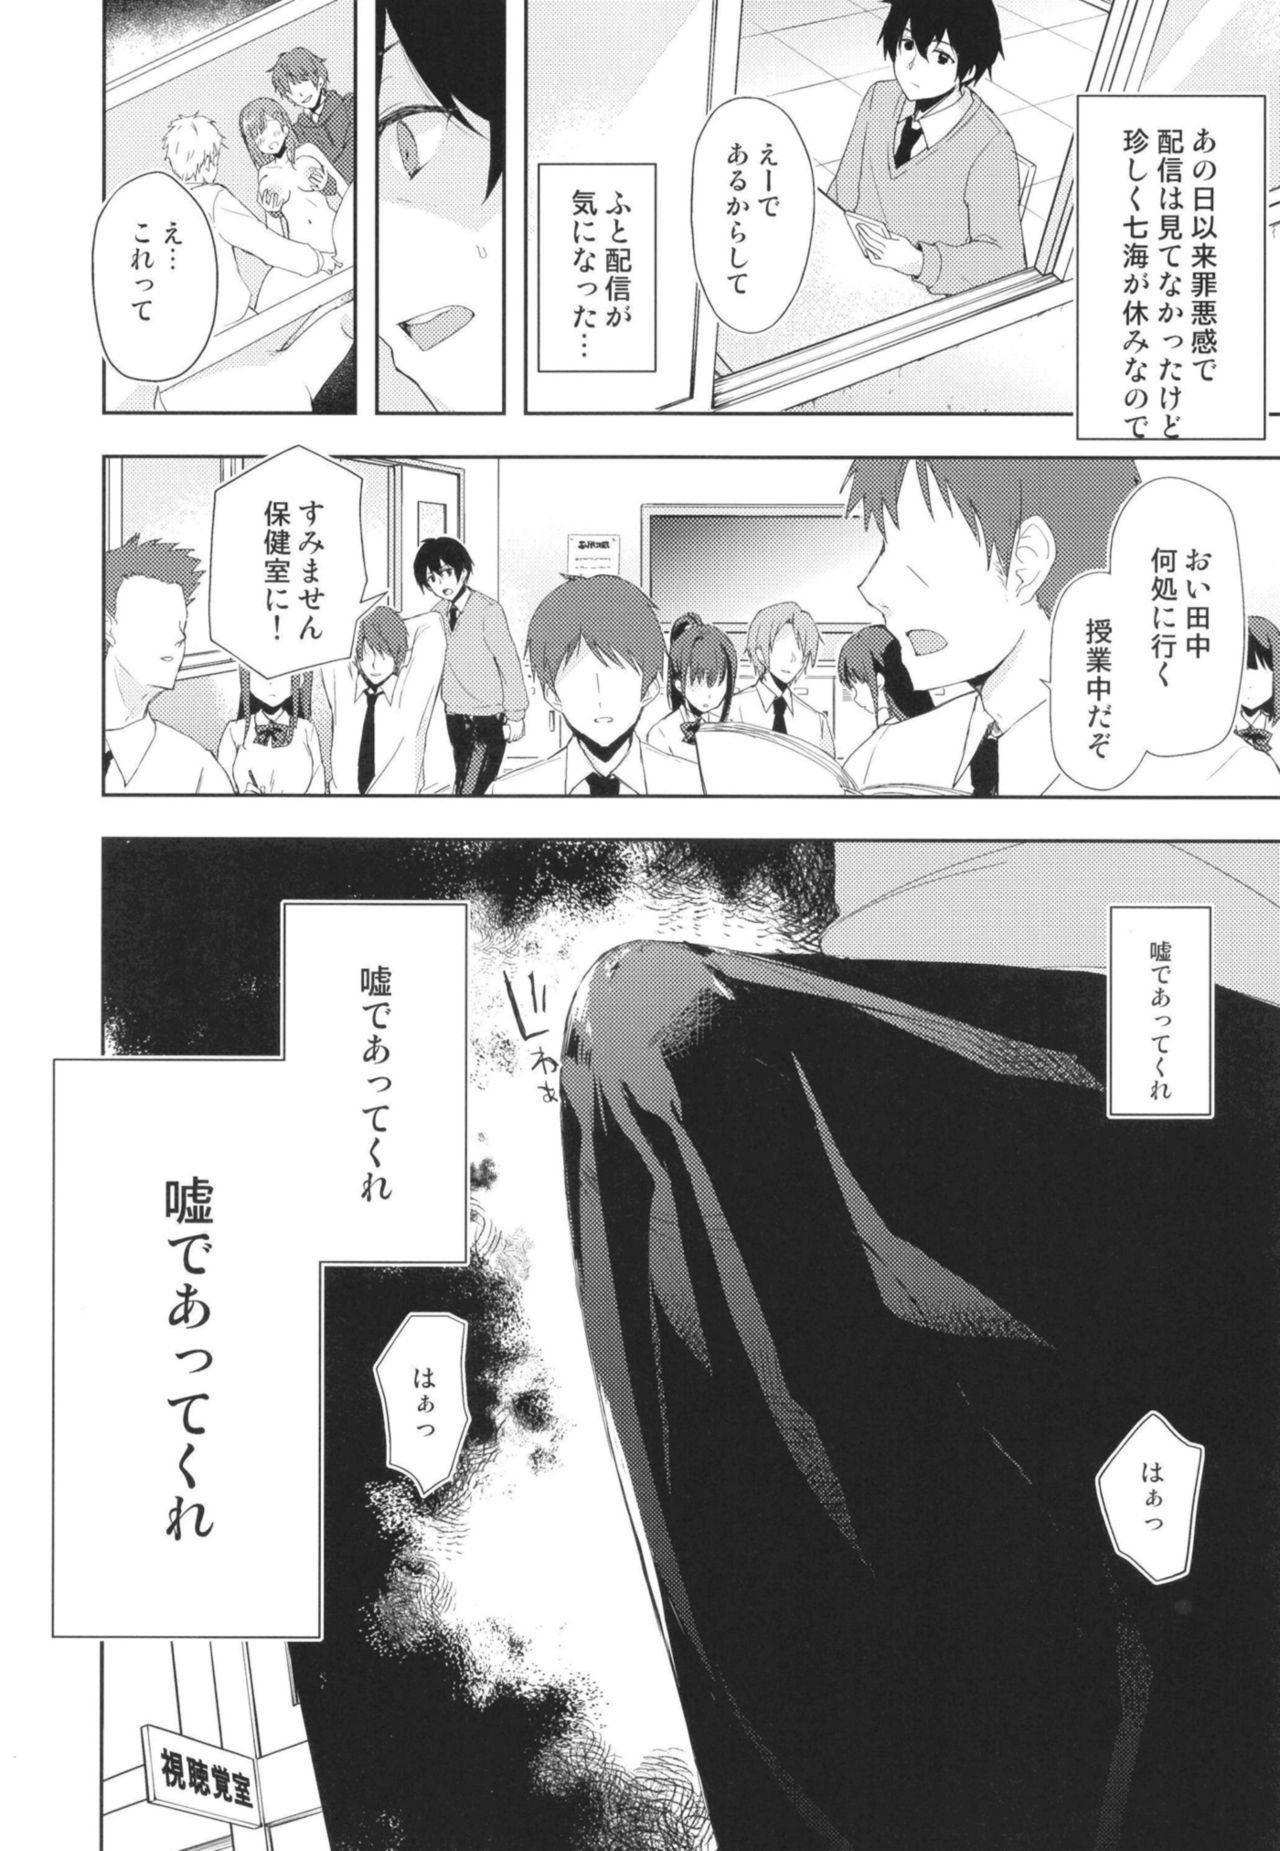 JK Nanami no Haishin Jijou 11